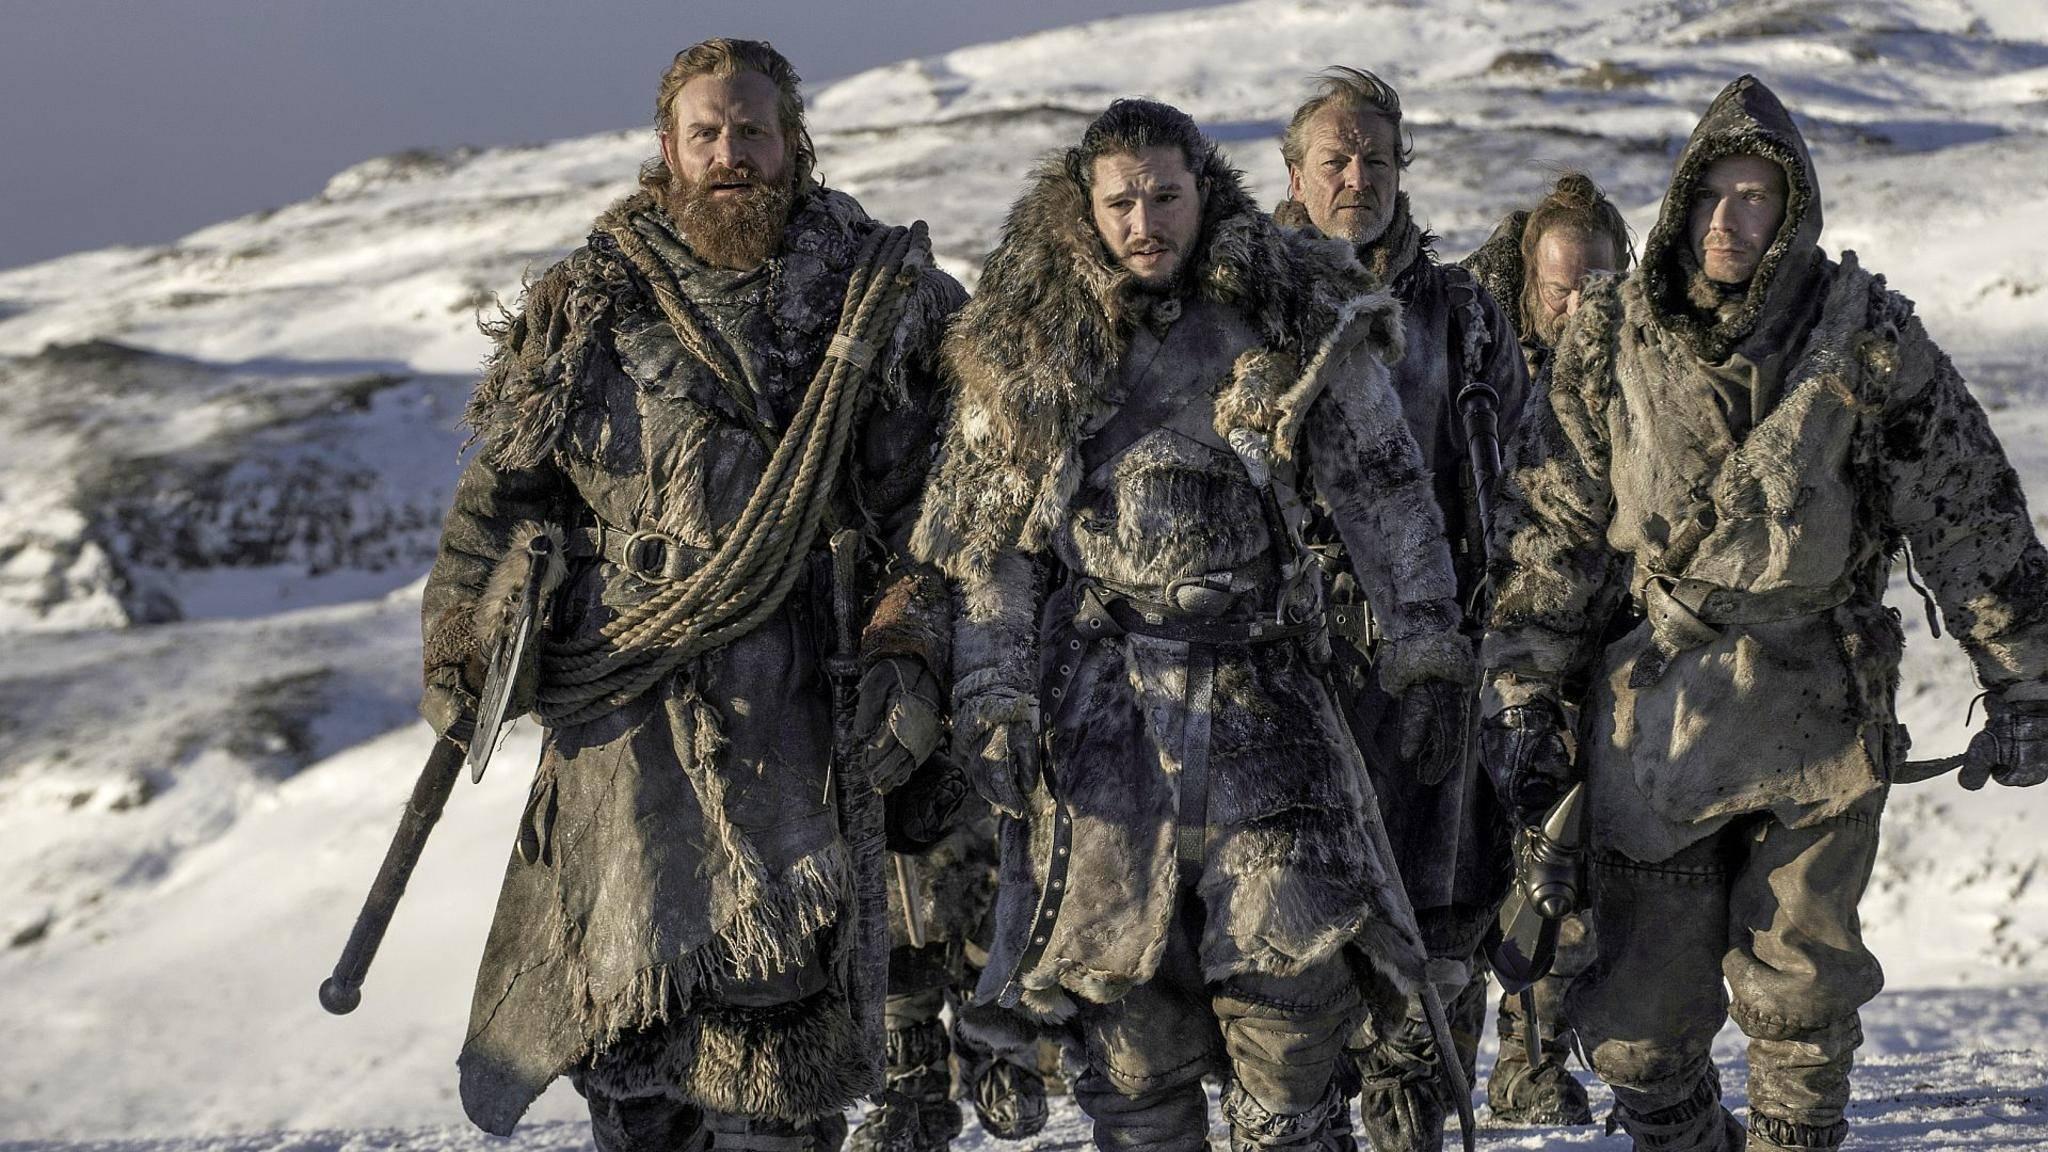 Jon Snow und seine Gefährten schlagen sich durch die Schneewüste von Westeros.